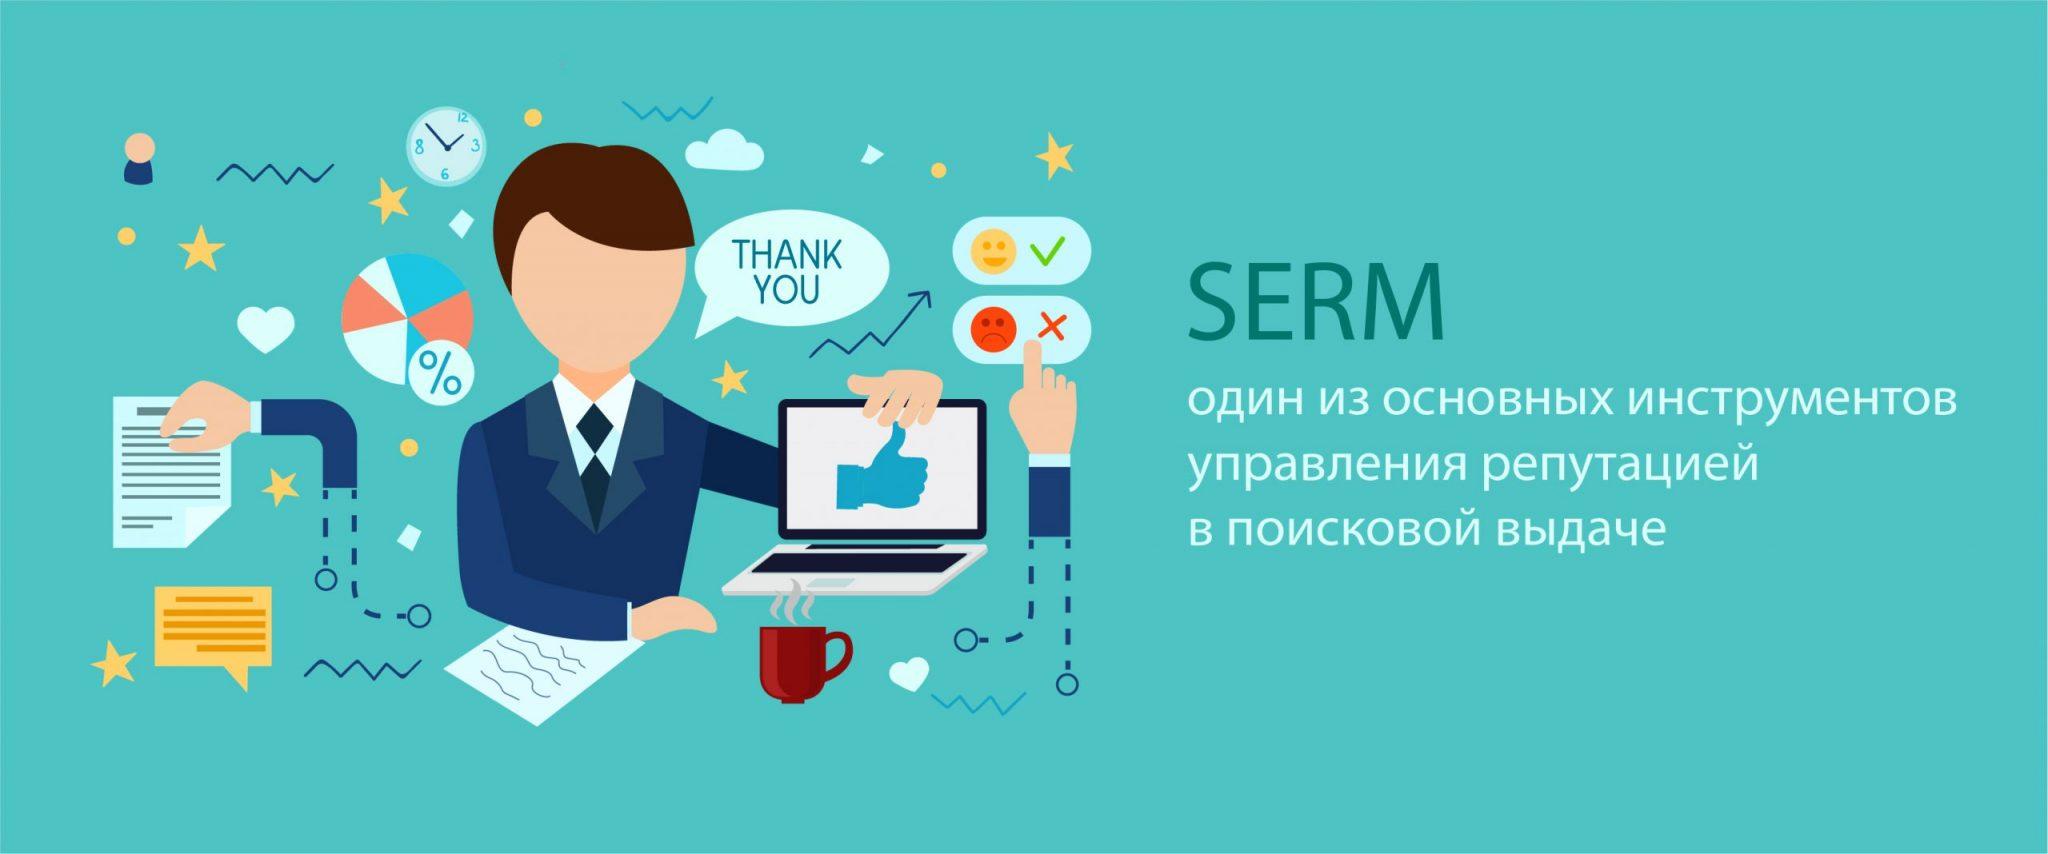 Управление репутацией в поиске — serm. читайте на cossa.ru